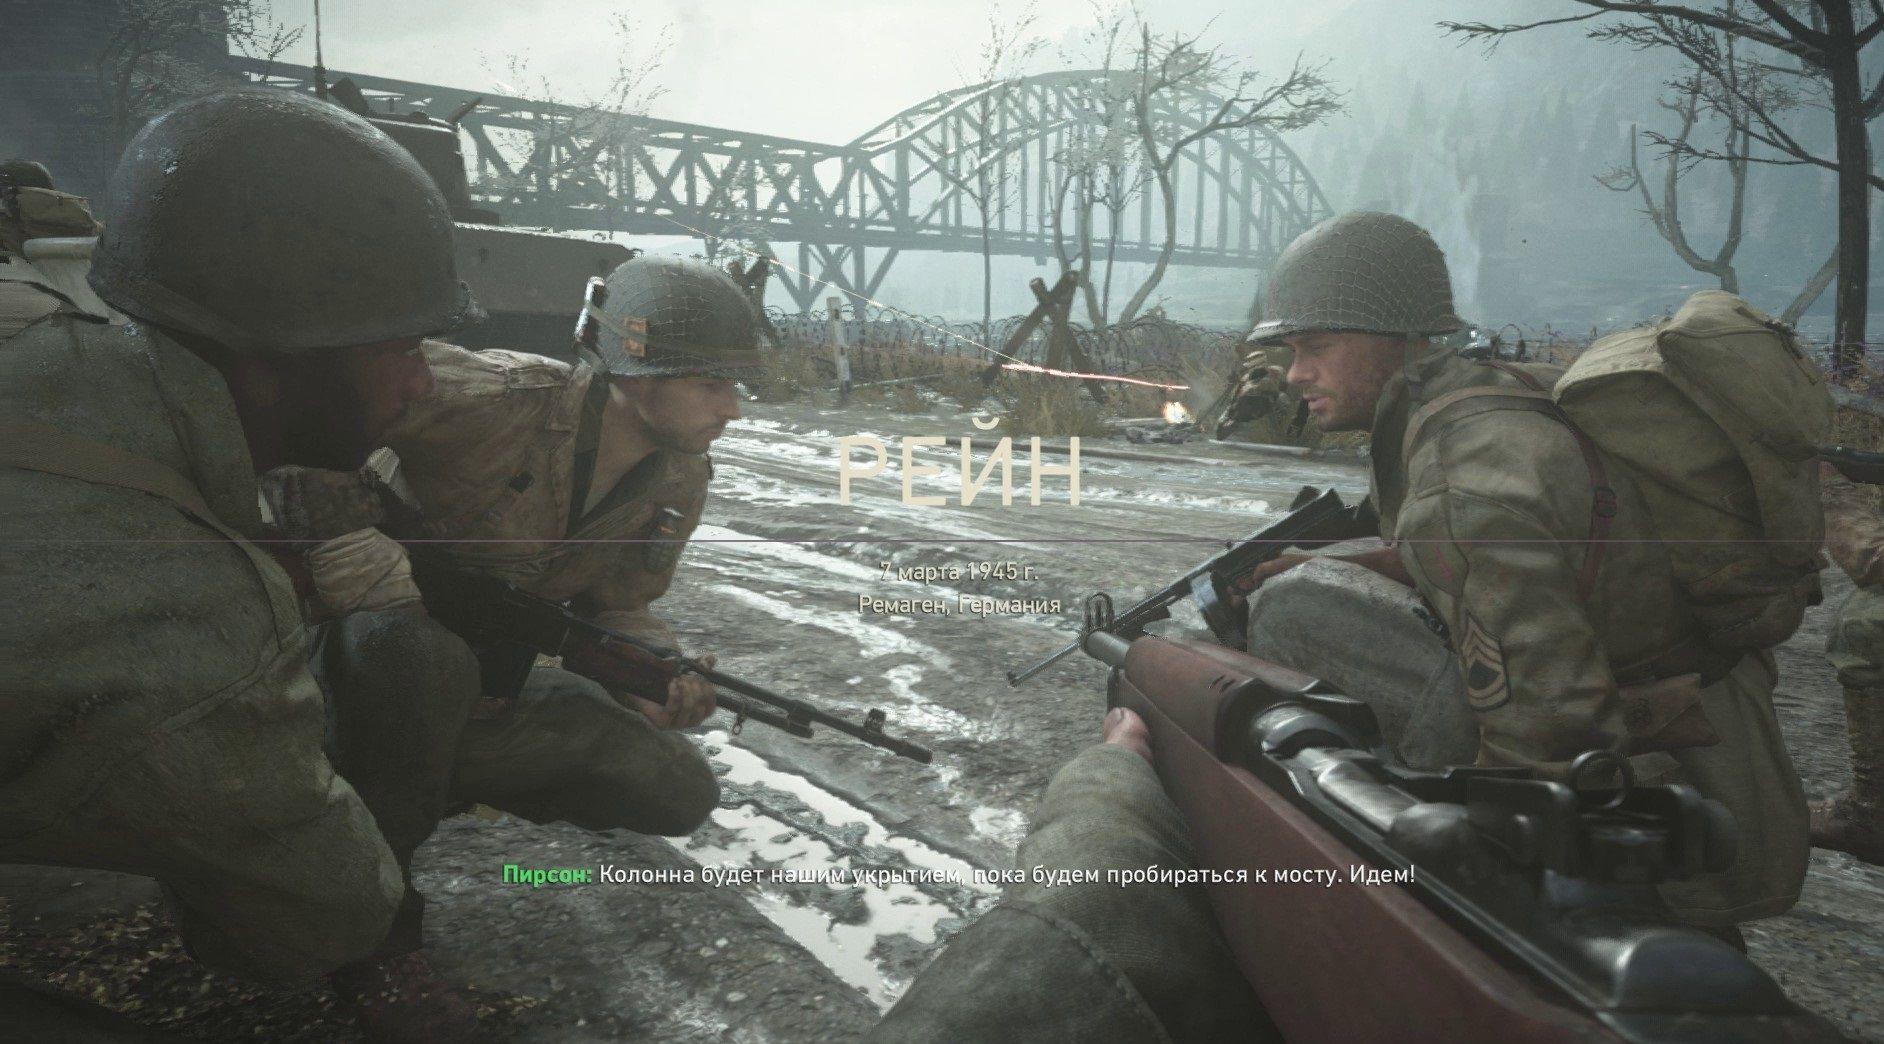 Подготовка к штурму моста